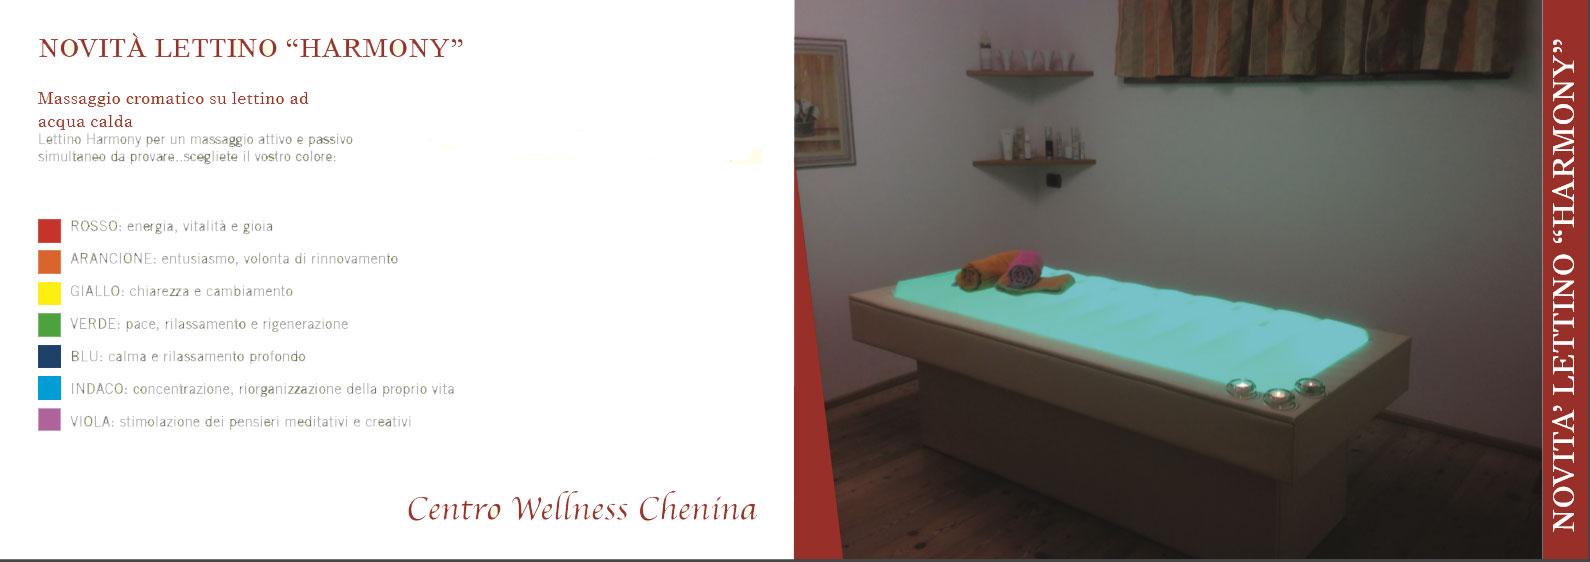 Massaggio Su Lettino Ad Acqua.Hotel Provato Per Voi Di Che Colore Vuoi Il Tuo Massaggio